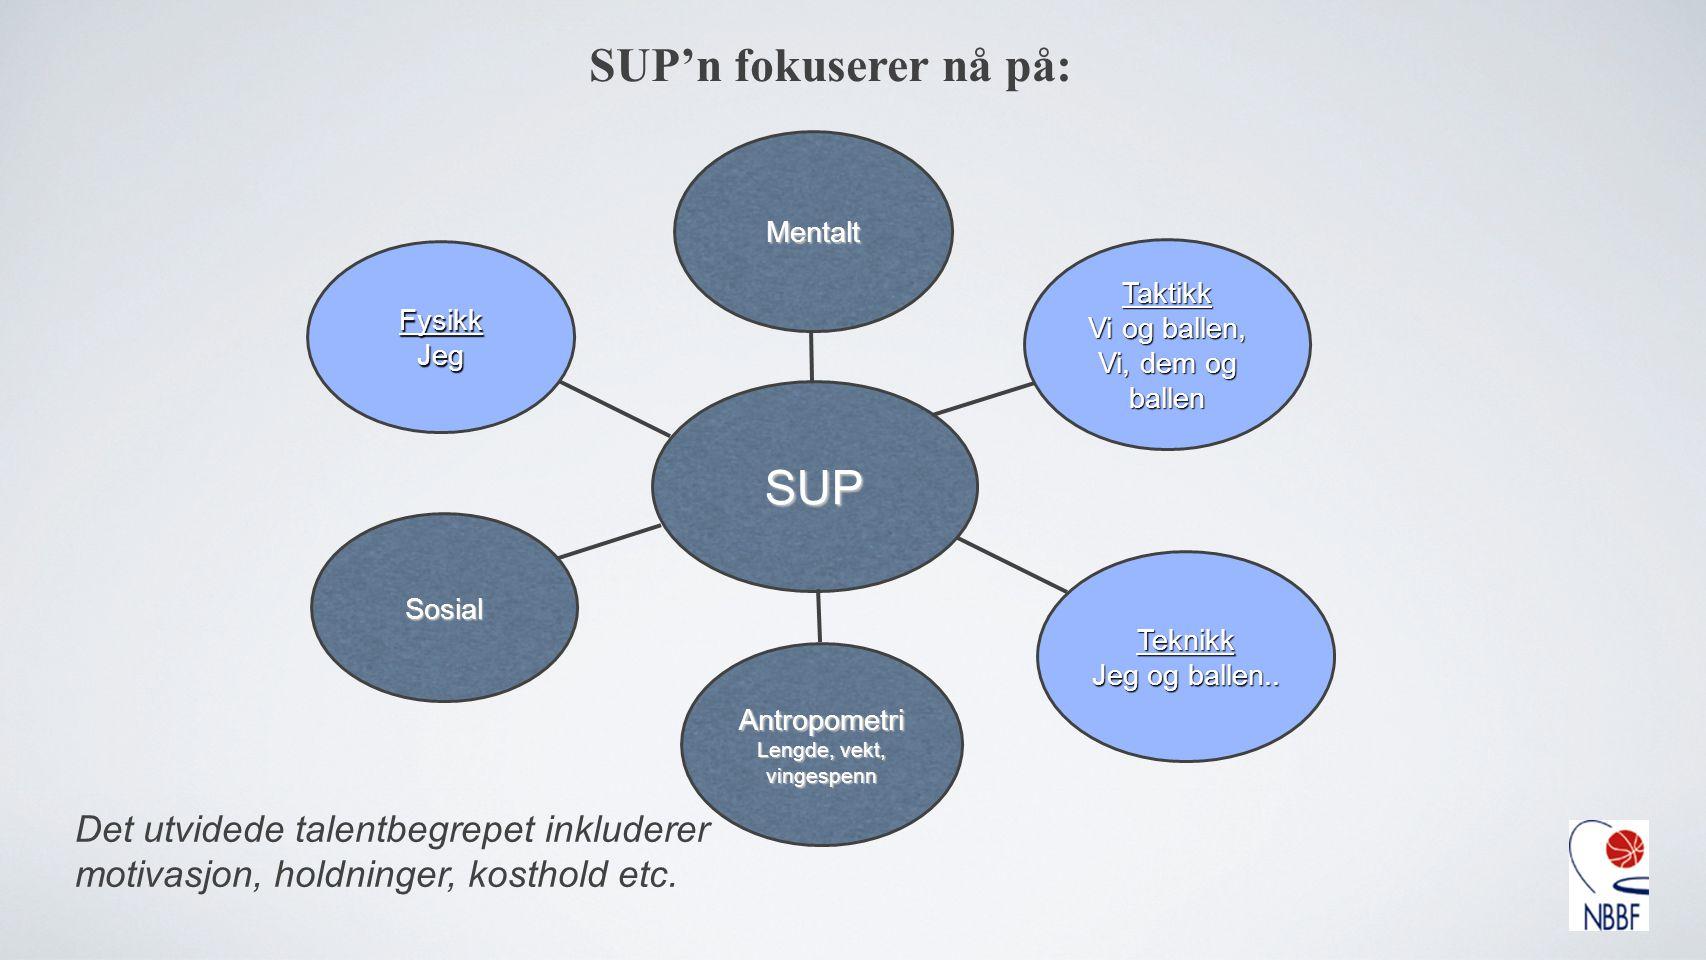 SUP'n fokuserer nå på: Det utvidede talentbegrepet inkluderer motivasjon, holdninger, kosthold etc.